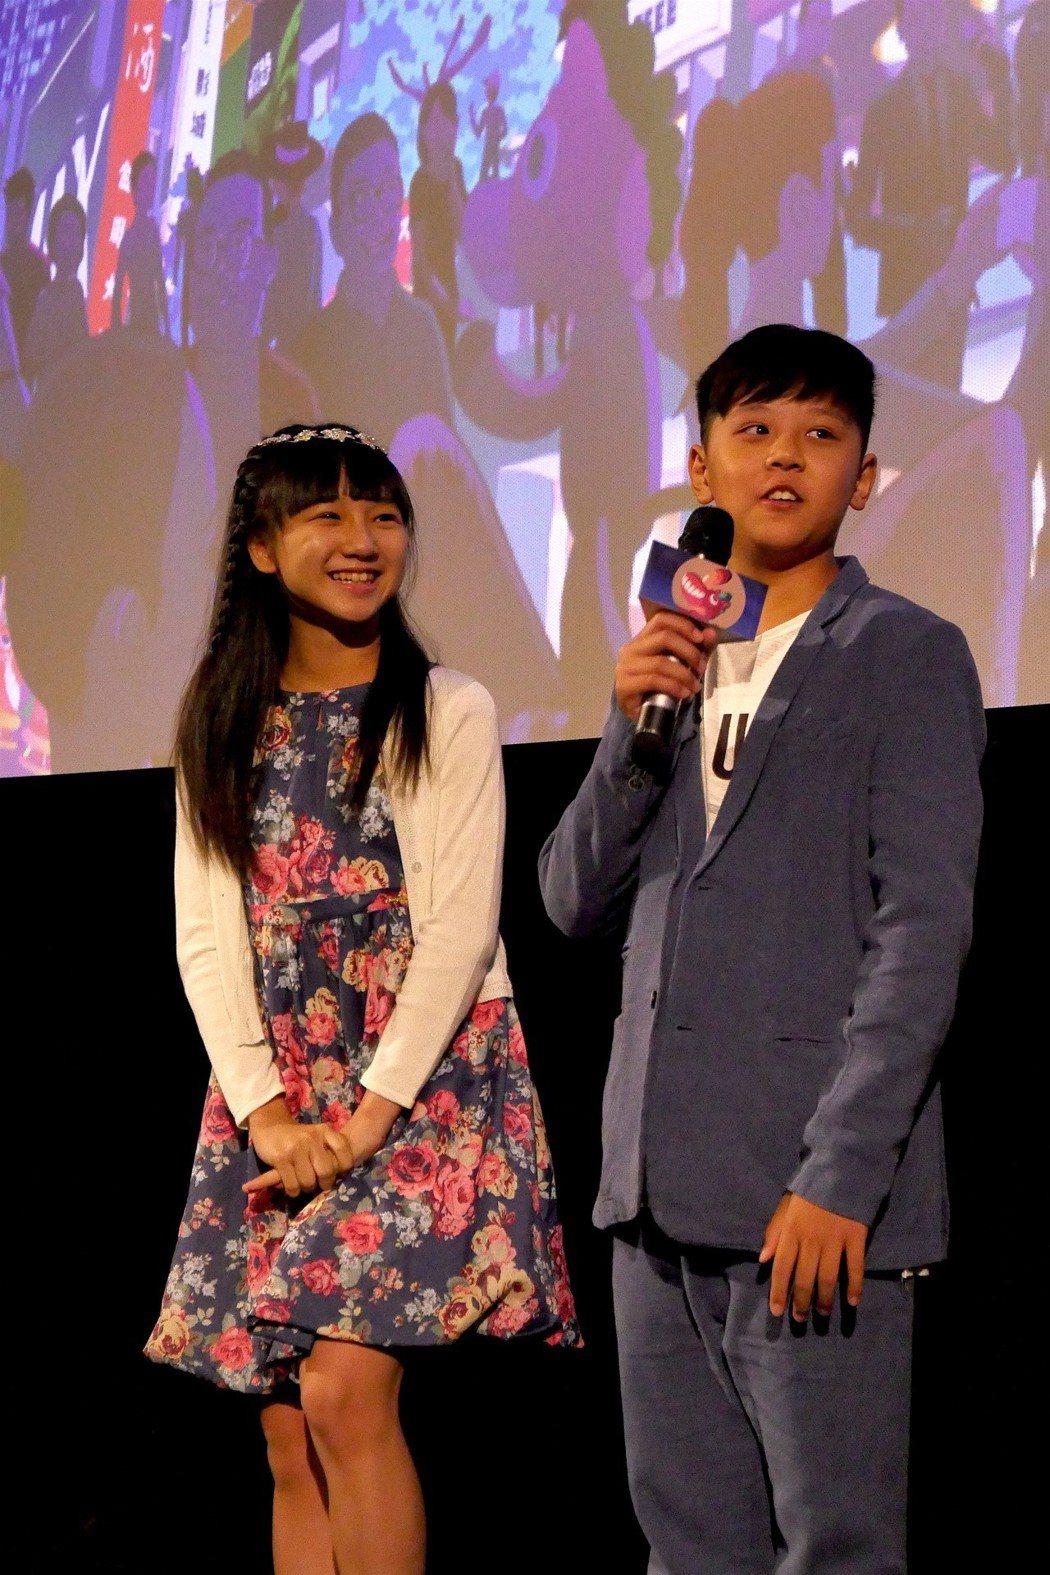 樂樂(左)與鍾宸翃(右)在「小玩意」中飾演一對兩小無猜的青梅竹馬。圖/前景提供